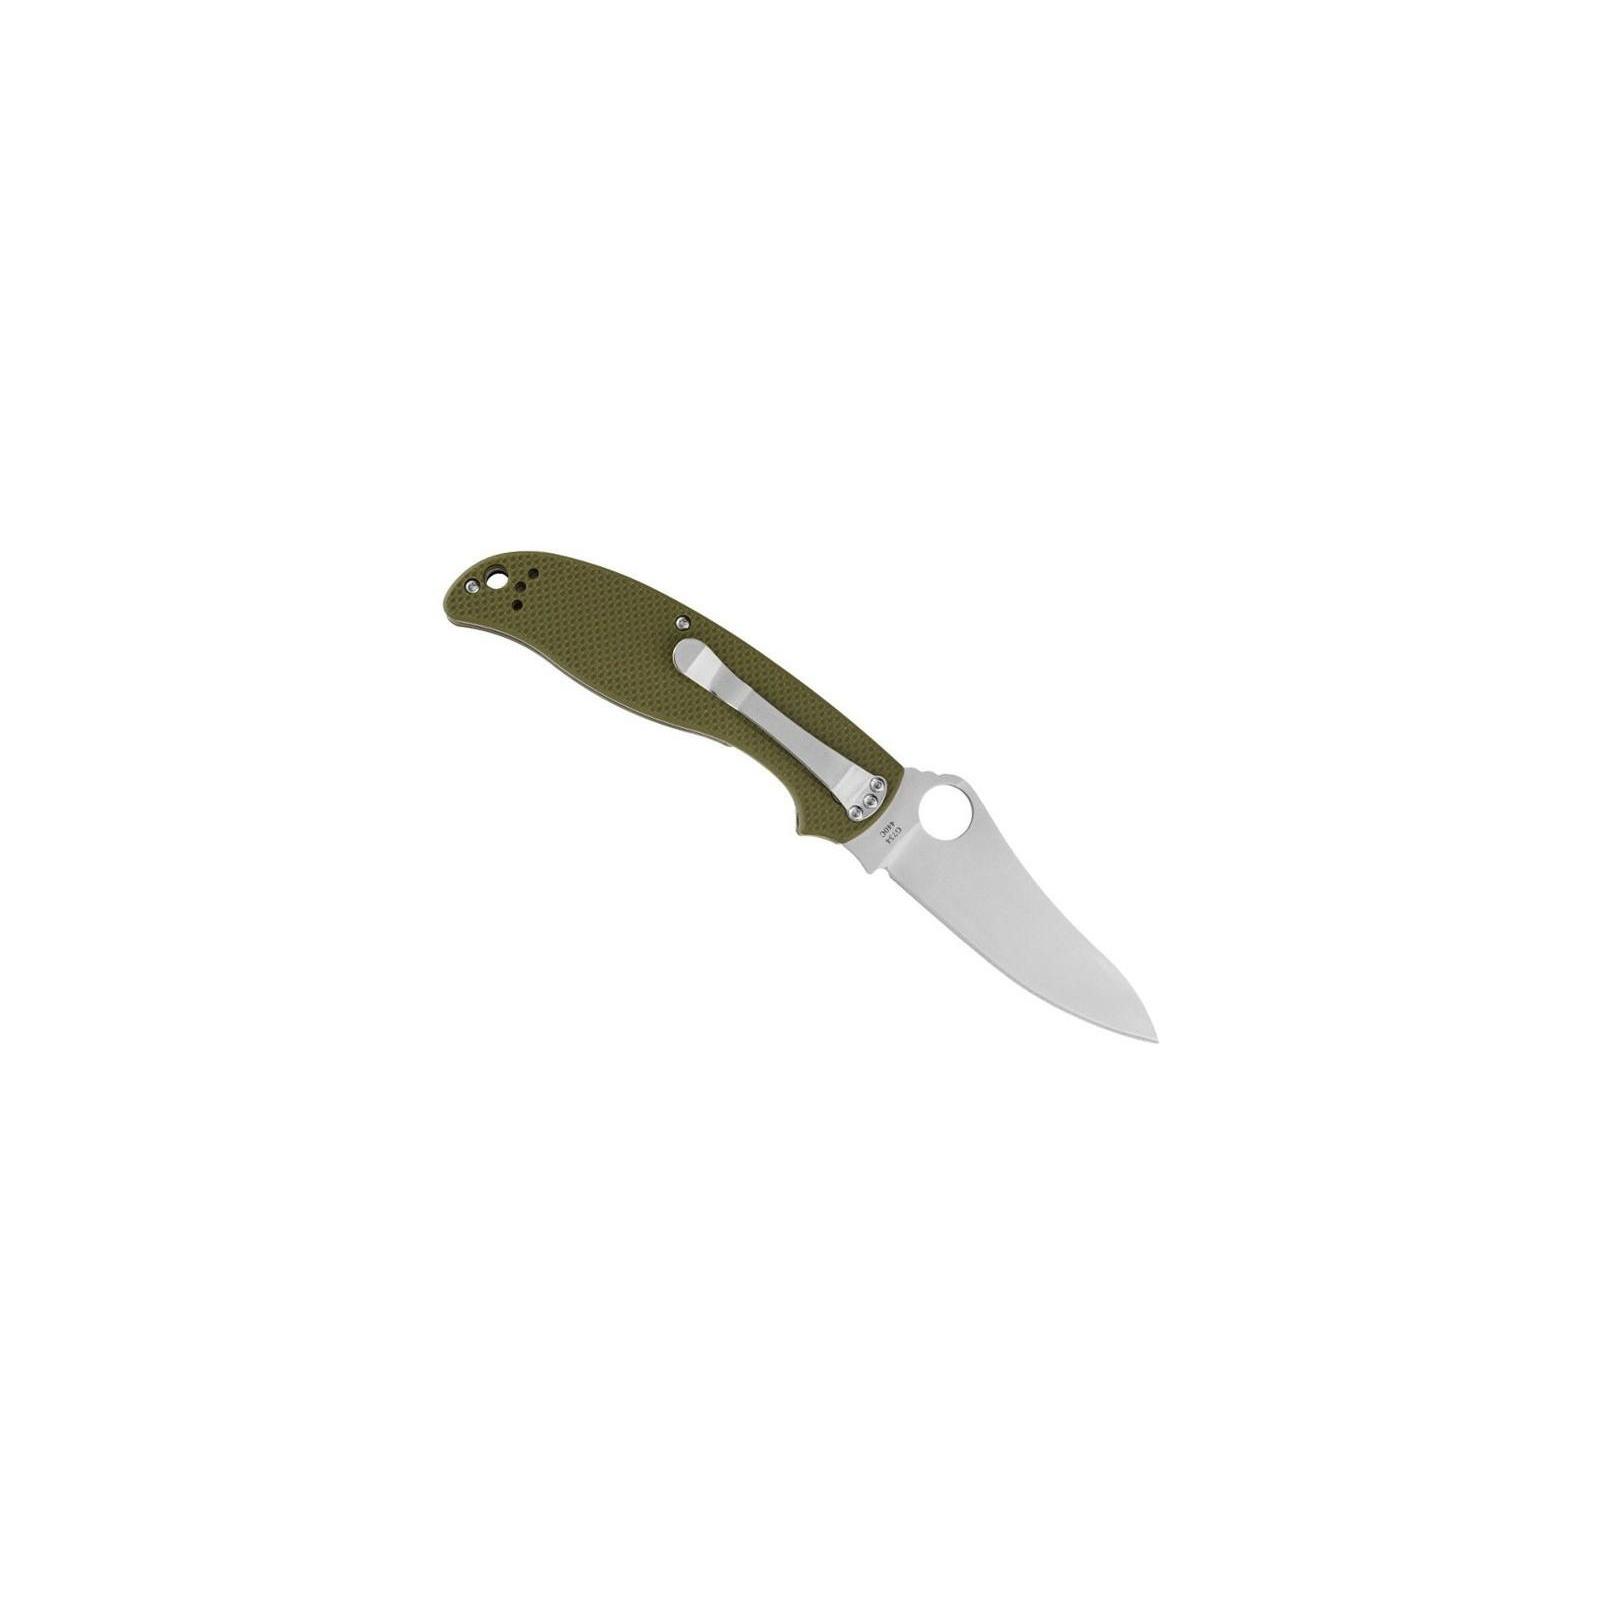 Нож Ganzo G734-OR оранжевый (2015-11-24) (G734-OR) изображение 2